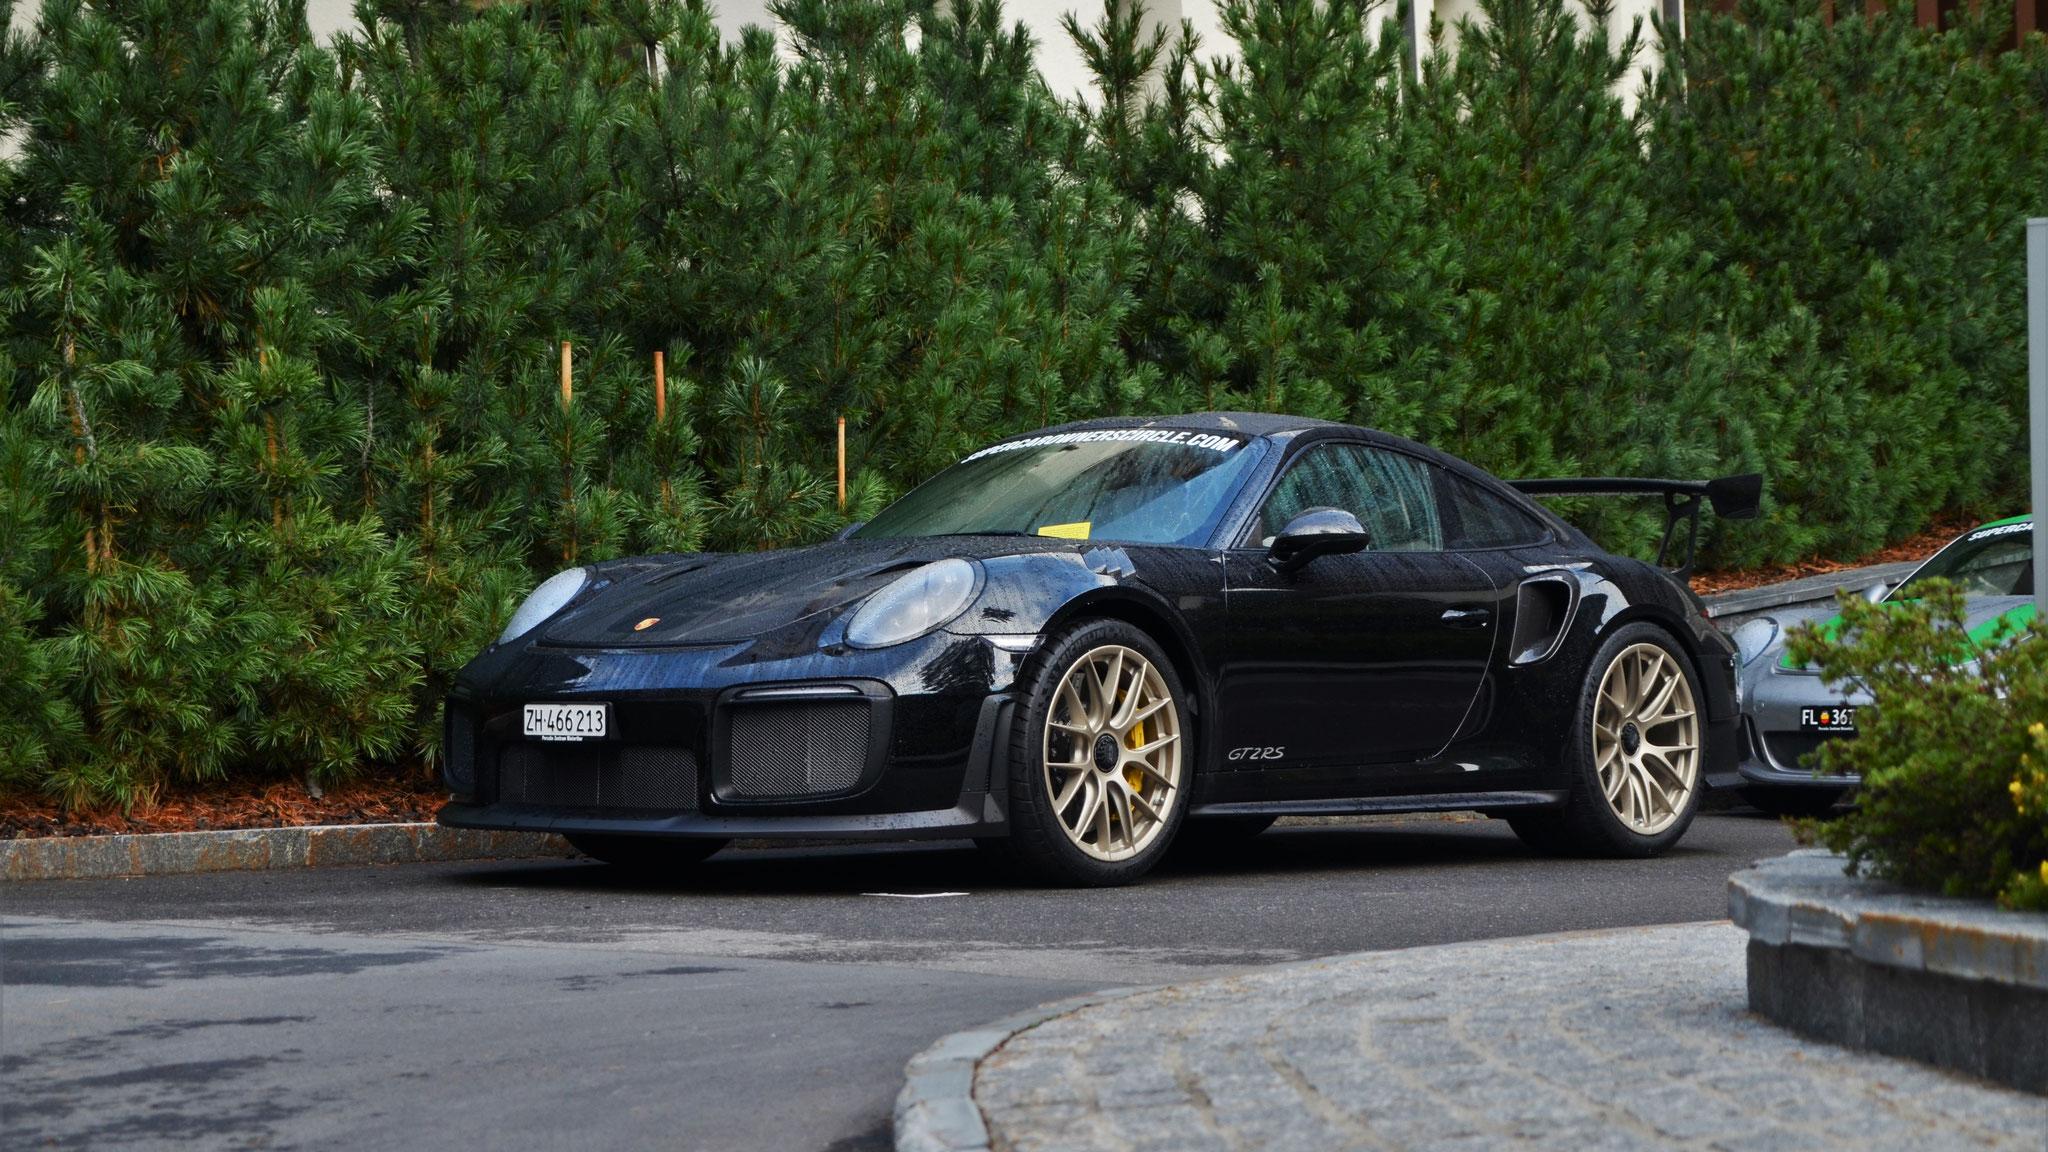 Porsche GT2 RS - ZH-466213